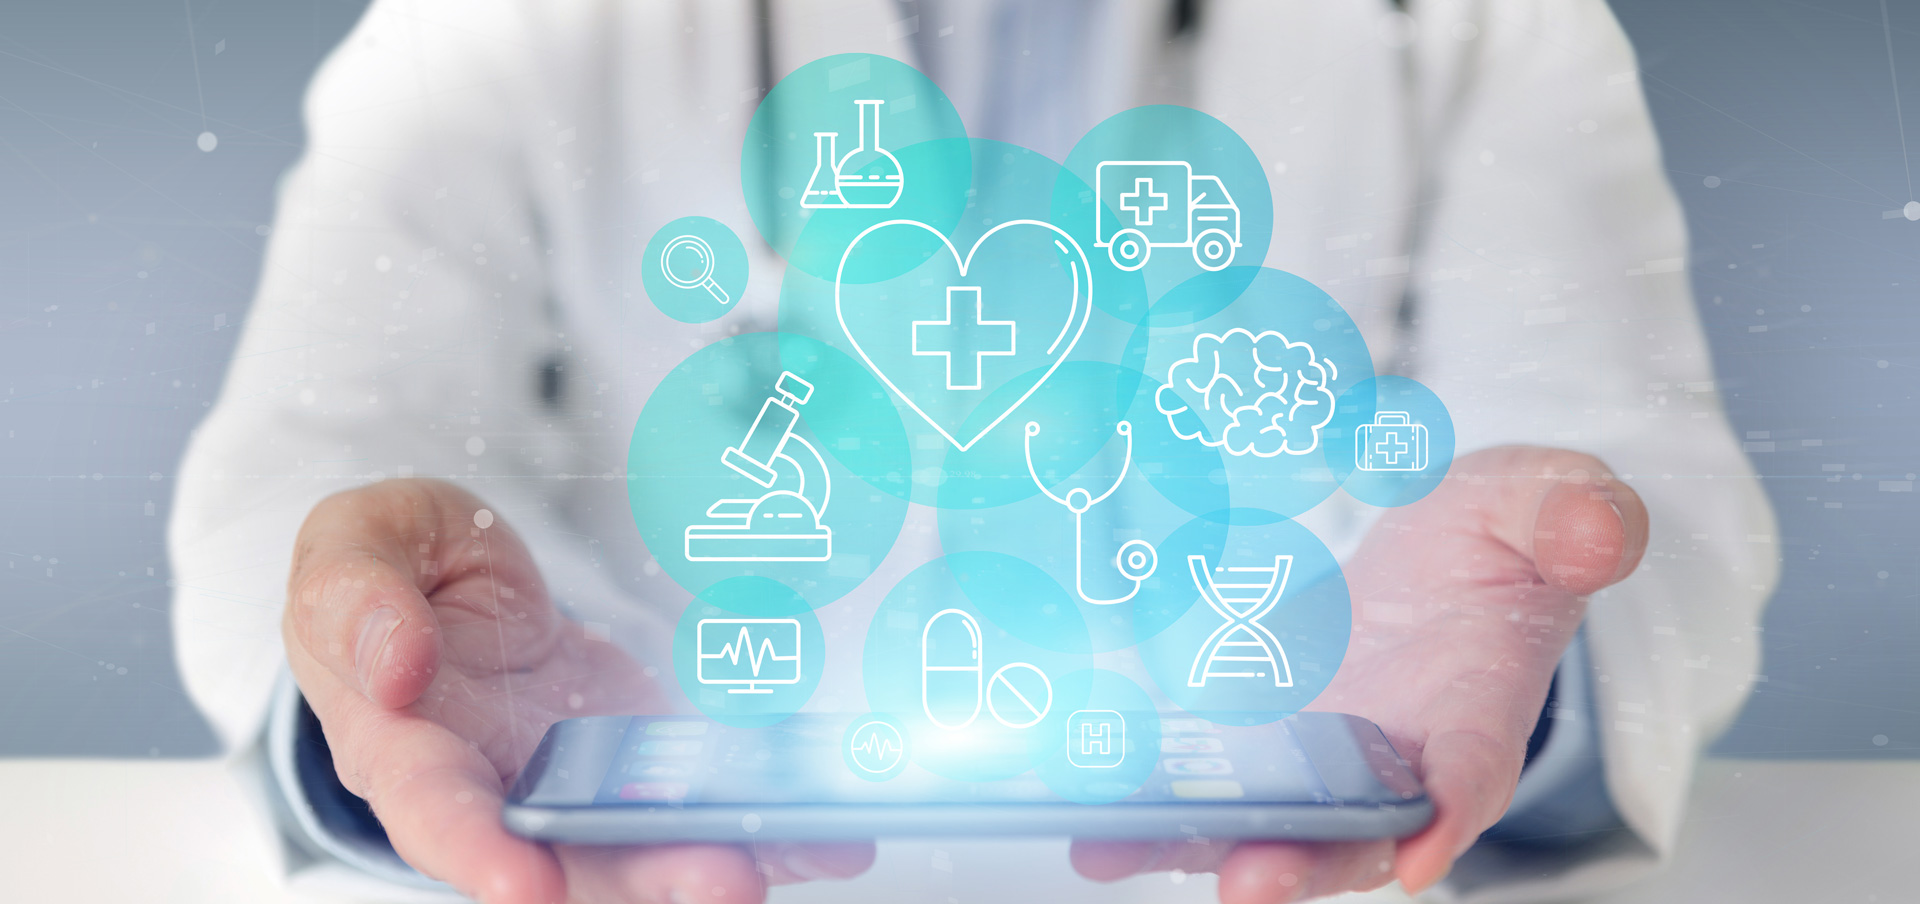 HOPES - Better data, best health